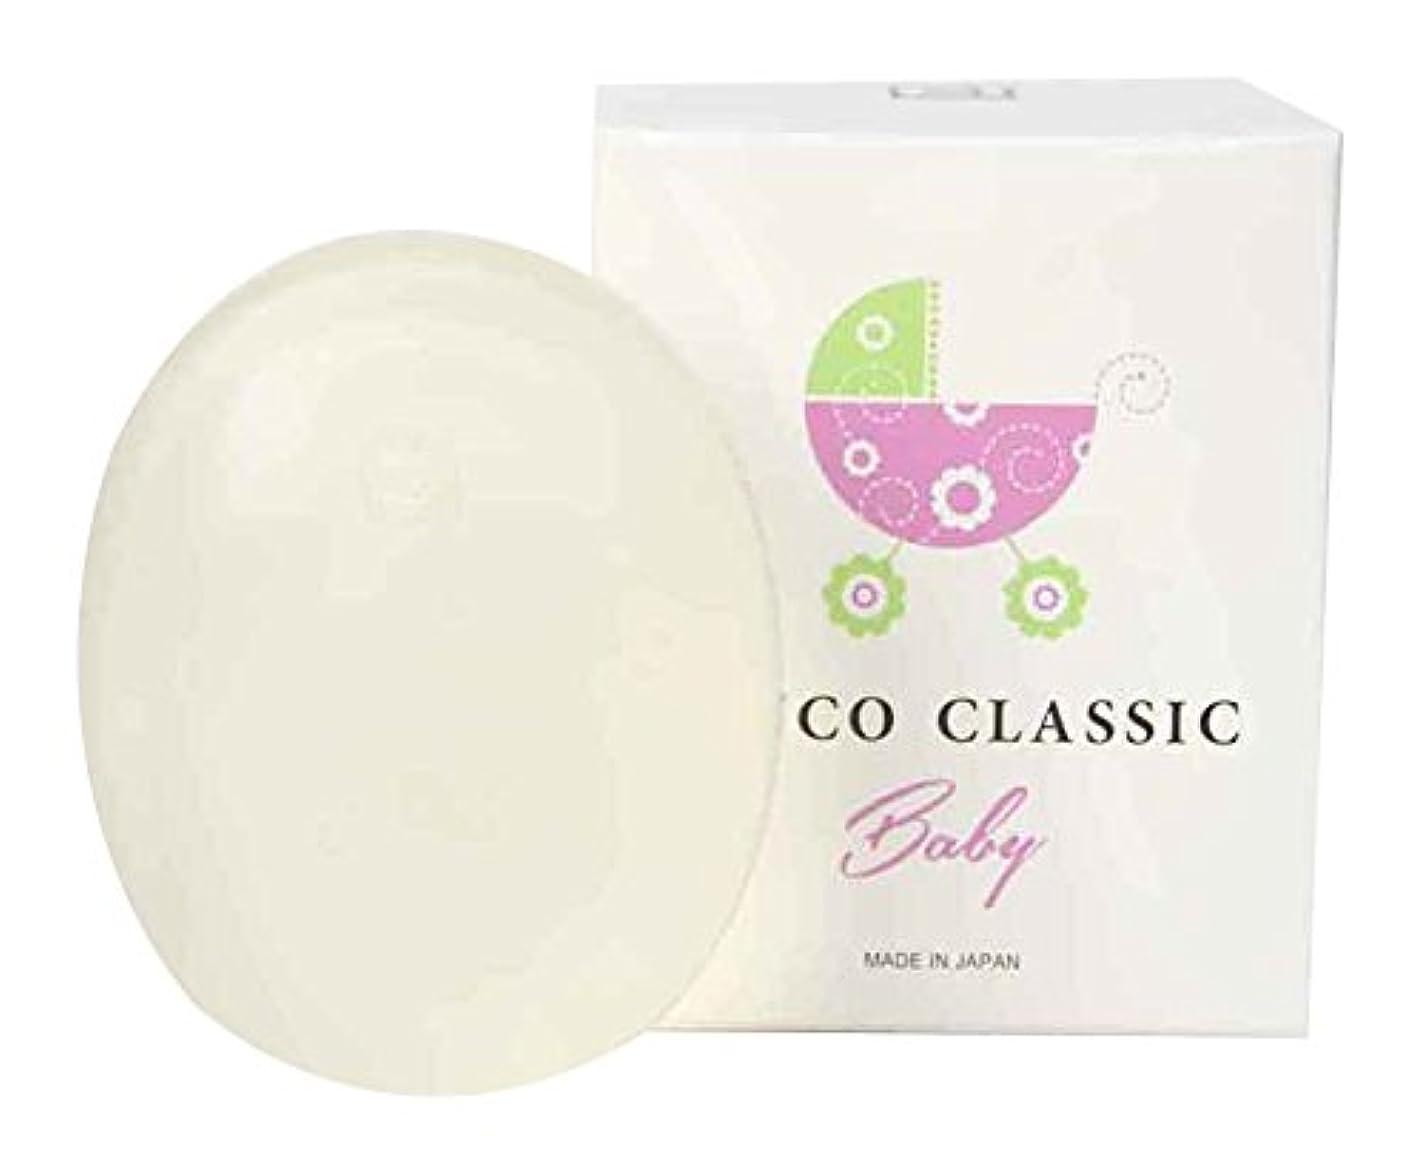 持続的可塑性感謝祭EI JUNCO CLASSIC BABY 100g